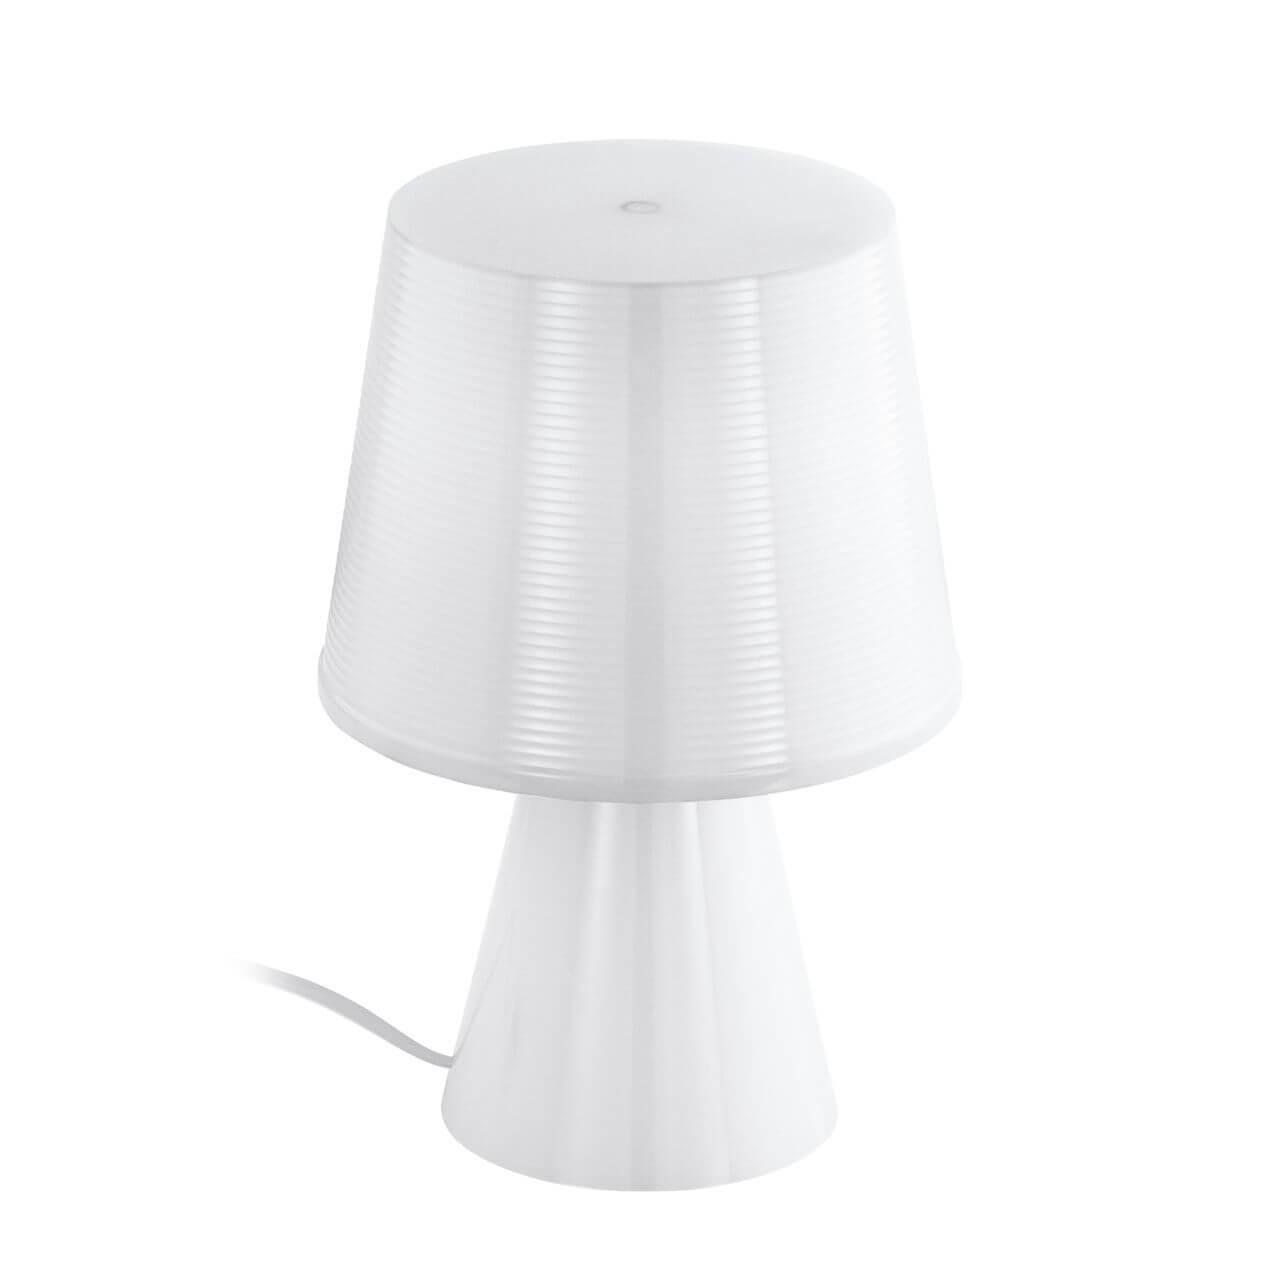 Настольная лампа Eglo Montalbo 96907 настольная лампа eglo montalbo 96909